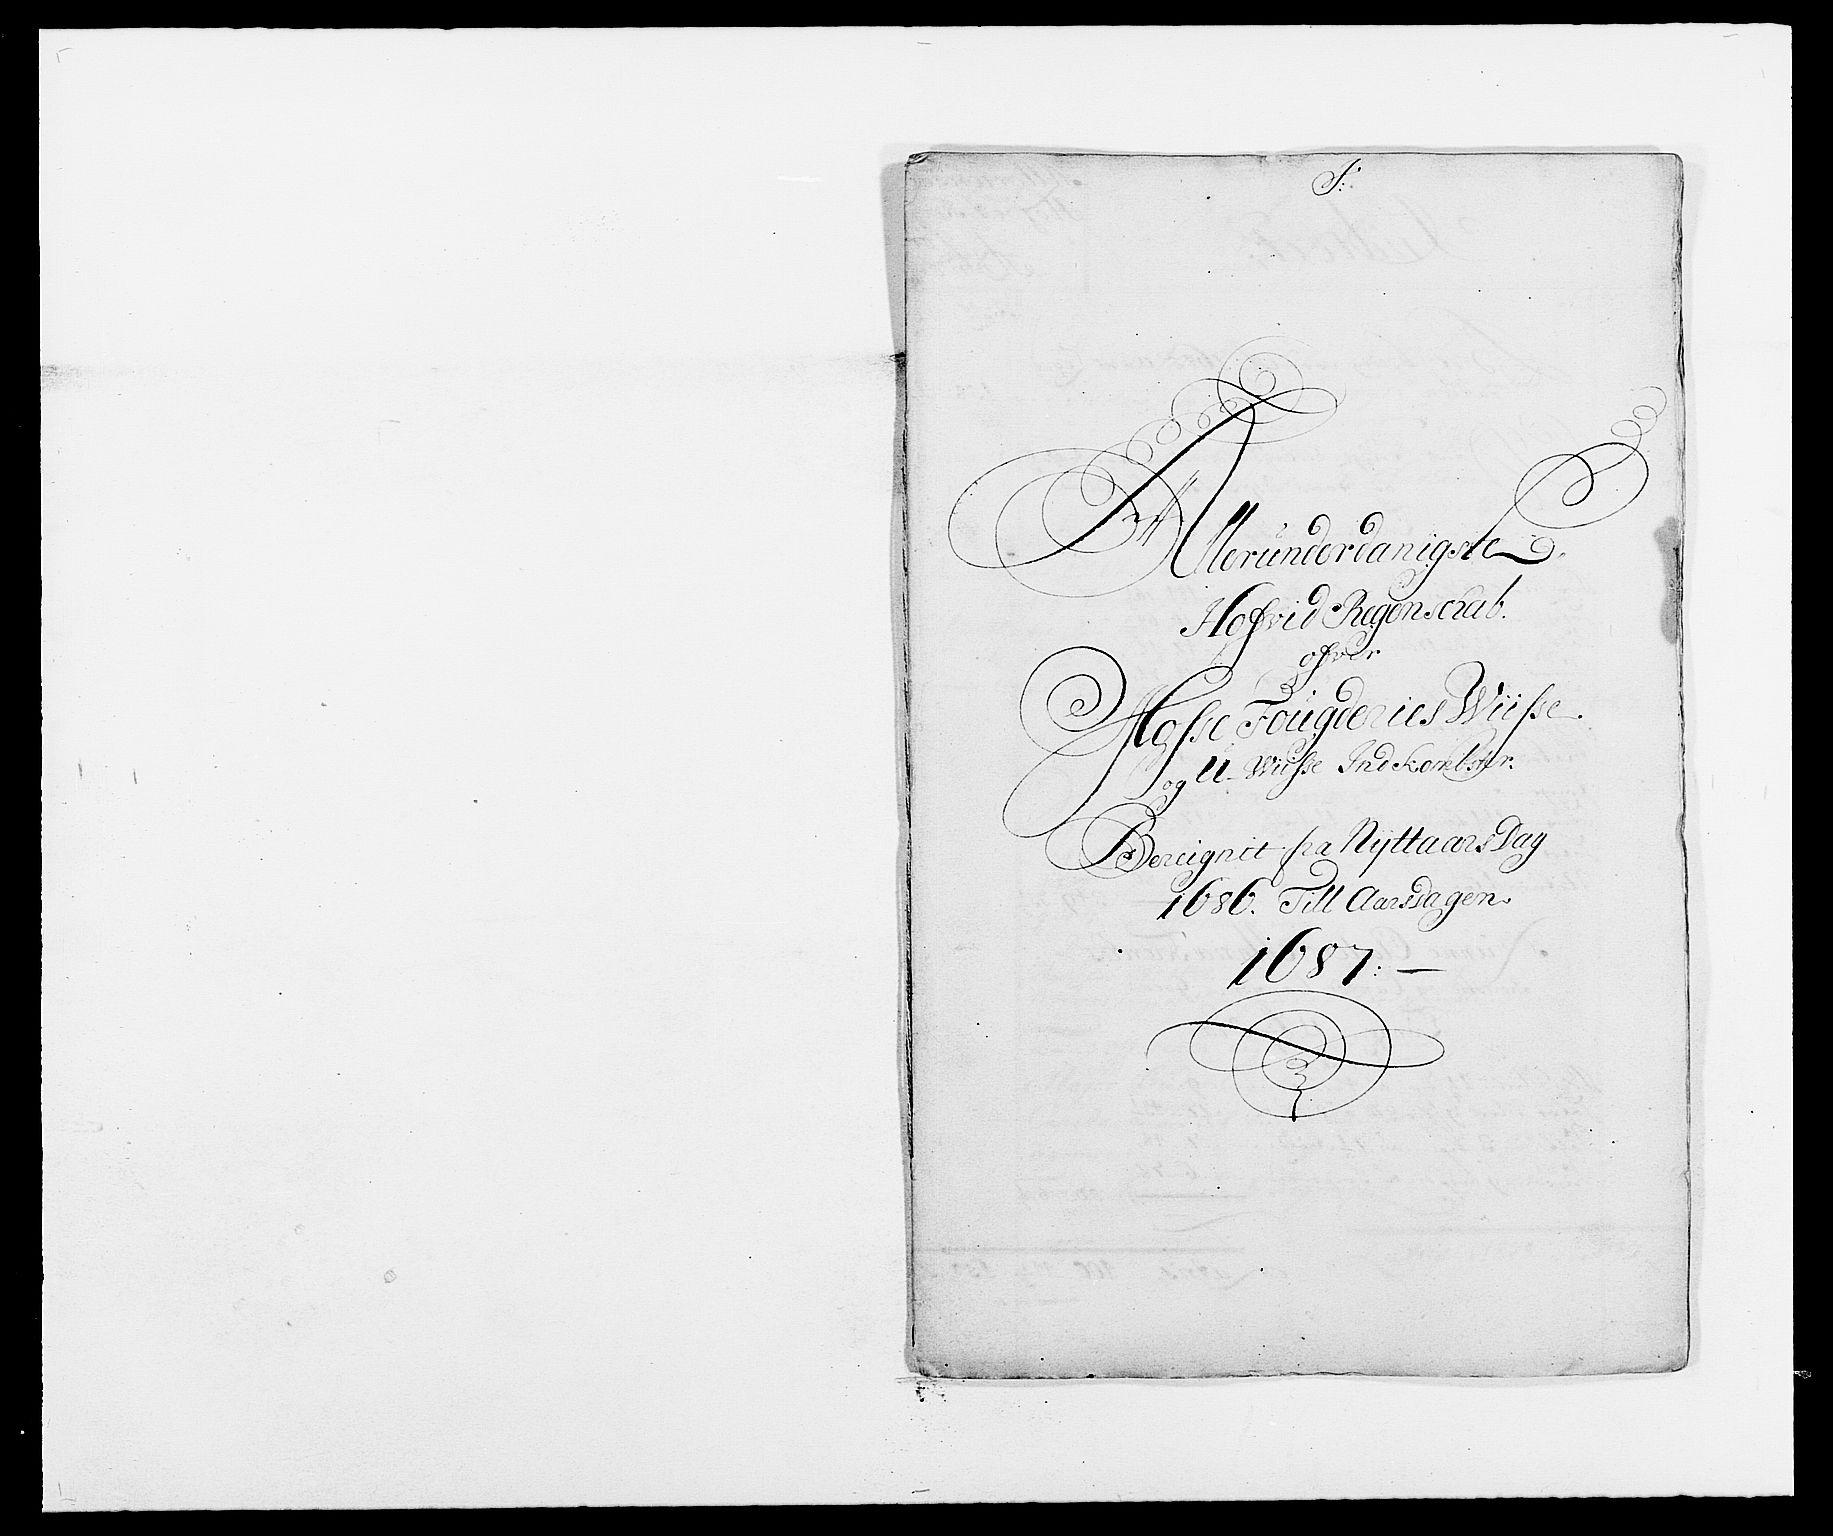 RA, Rentekammeret inntil 1814, Reviderte regnskaper, Fogderegnskap, R02/L0105: Fogderegnskap Moss og Verne kloster, 1685-1687, s. 119